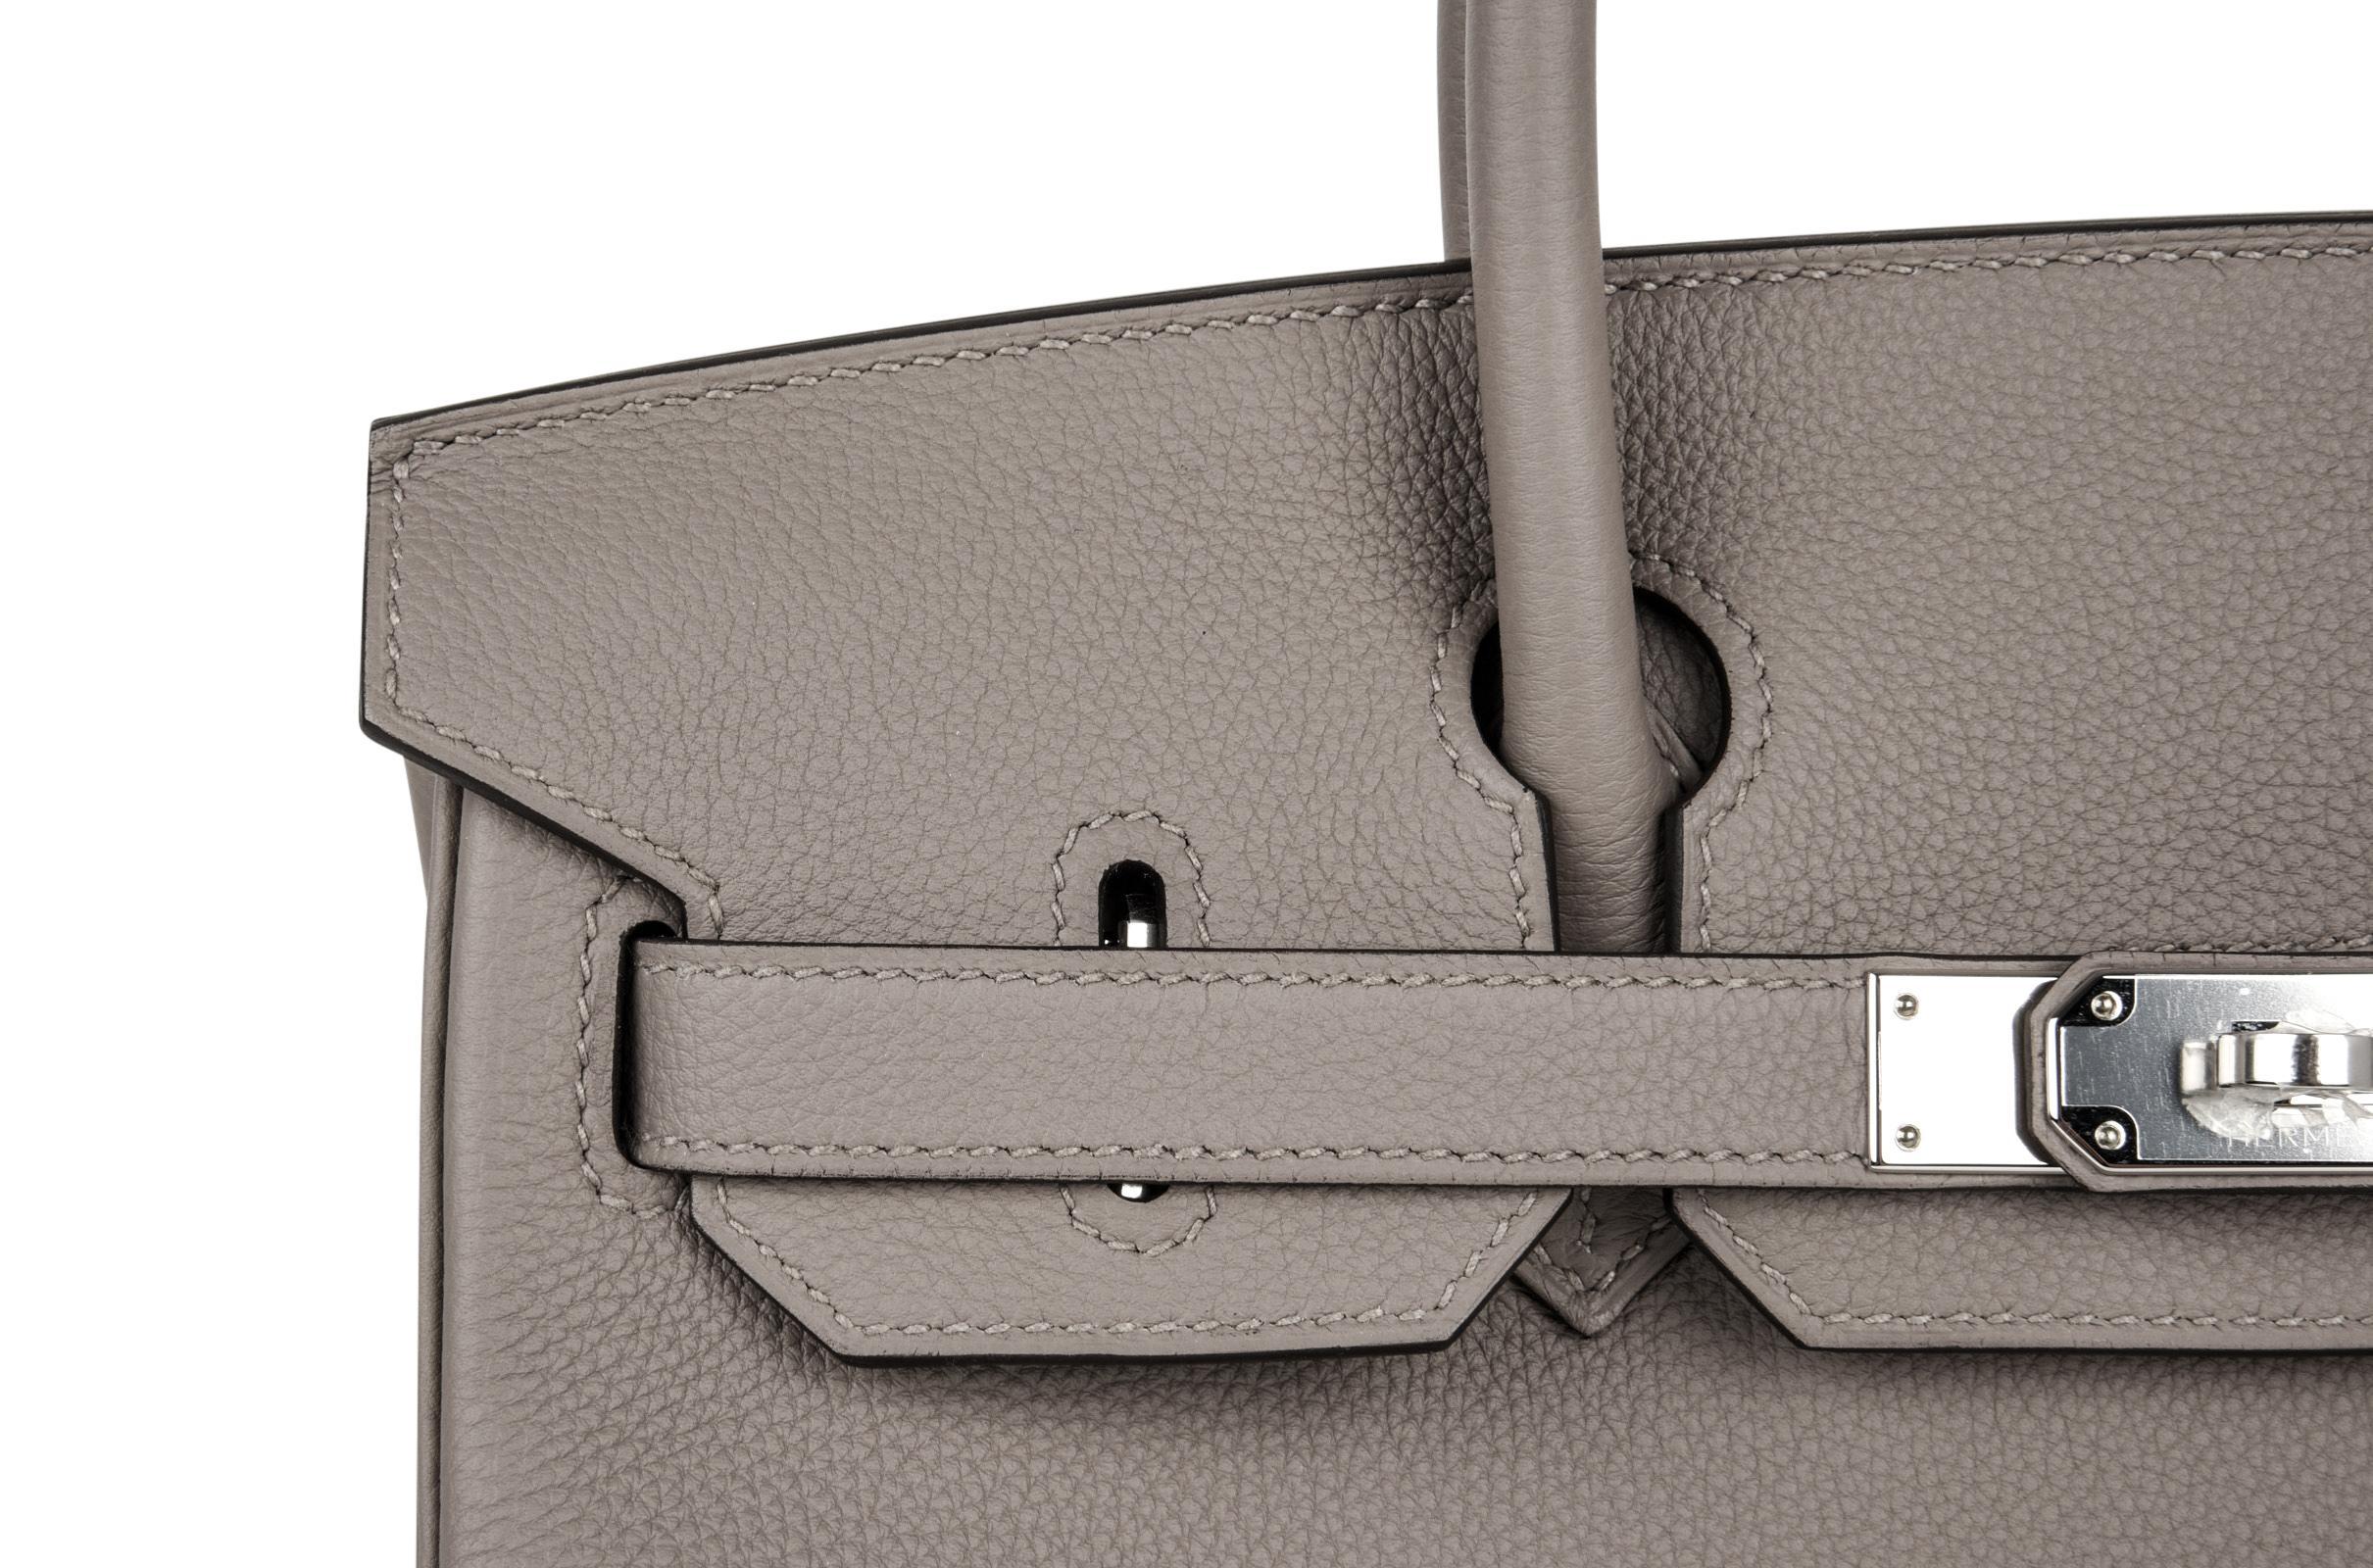 92170b201650 ... greece hermes birkin 30 bag gris asphalte togo palladium hardware for  sale at 1stdibs 8d9e9 cfd00